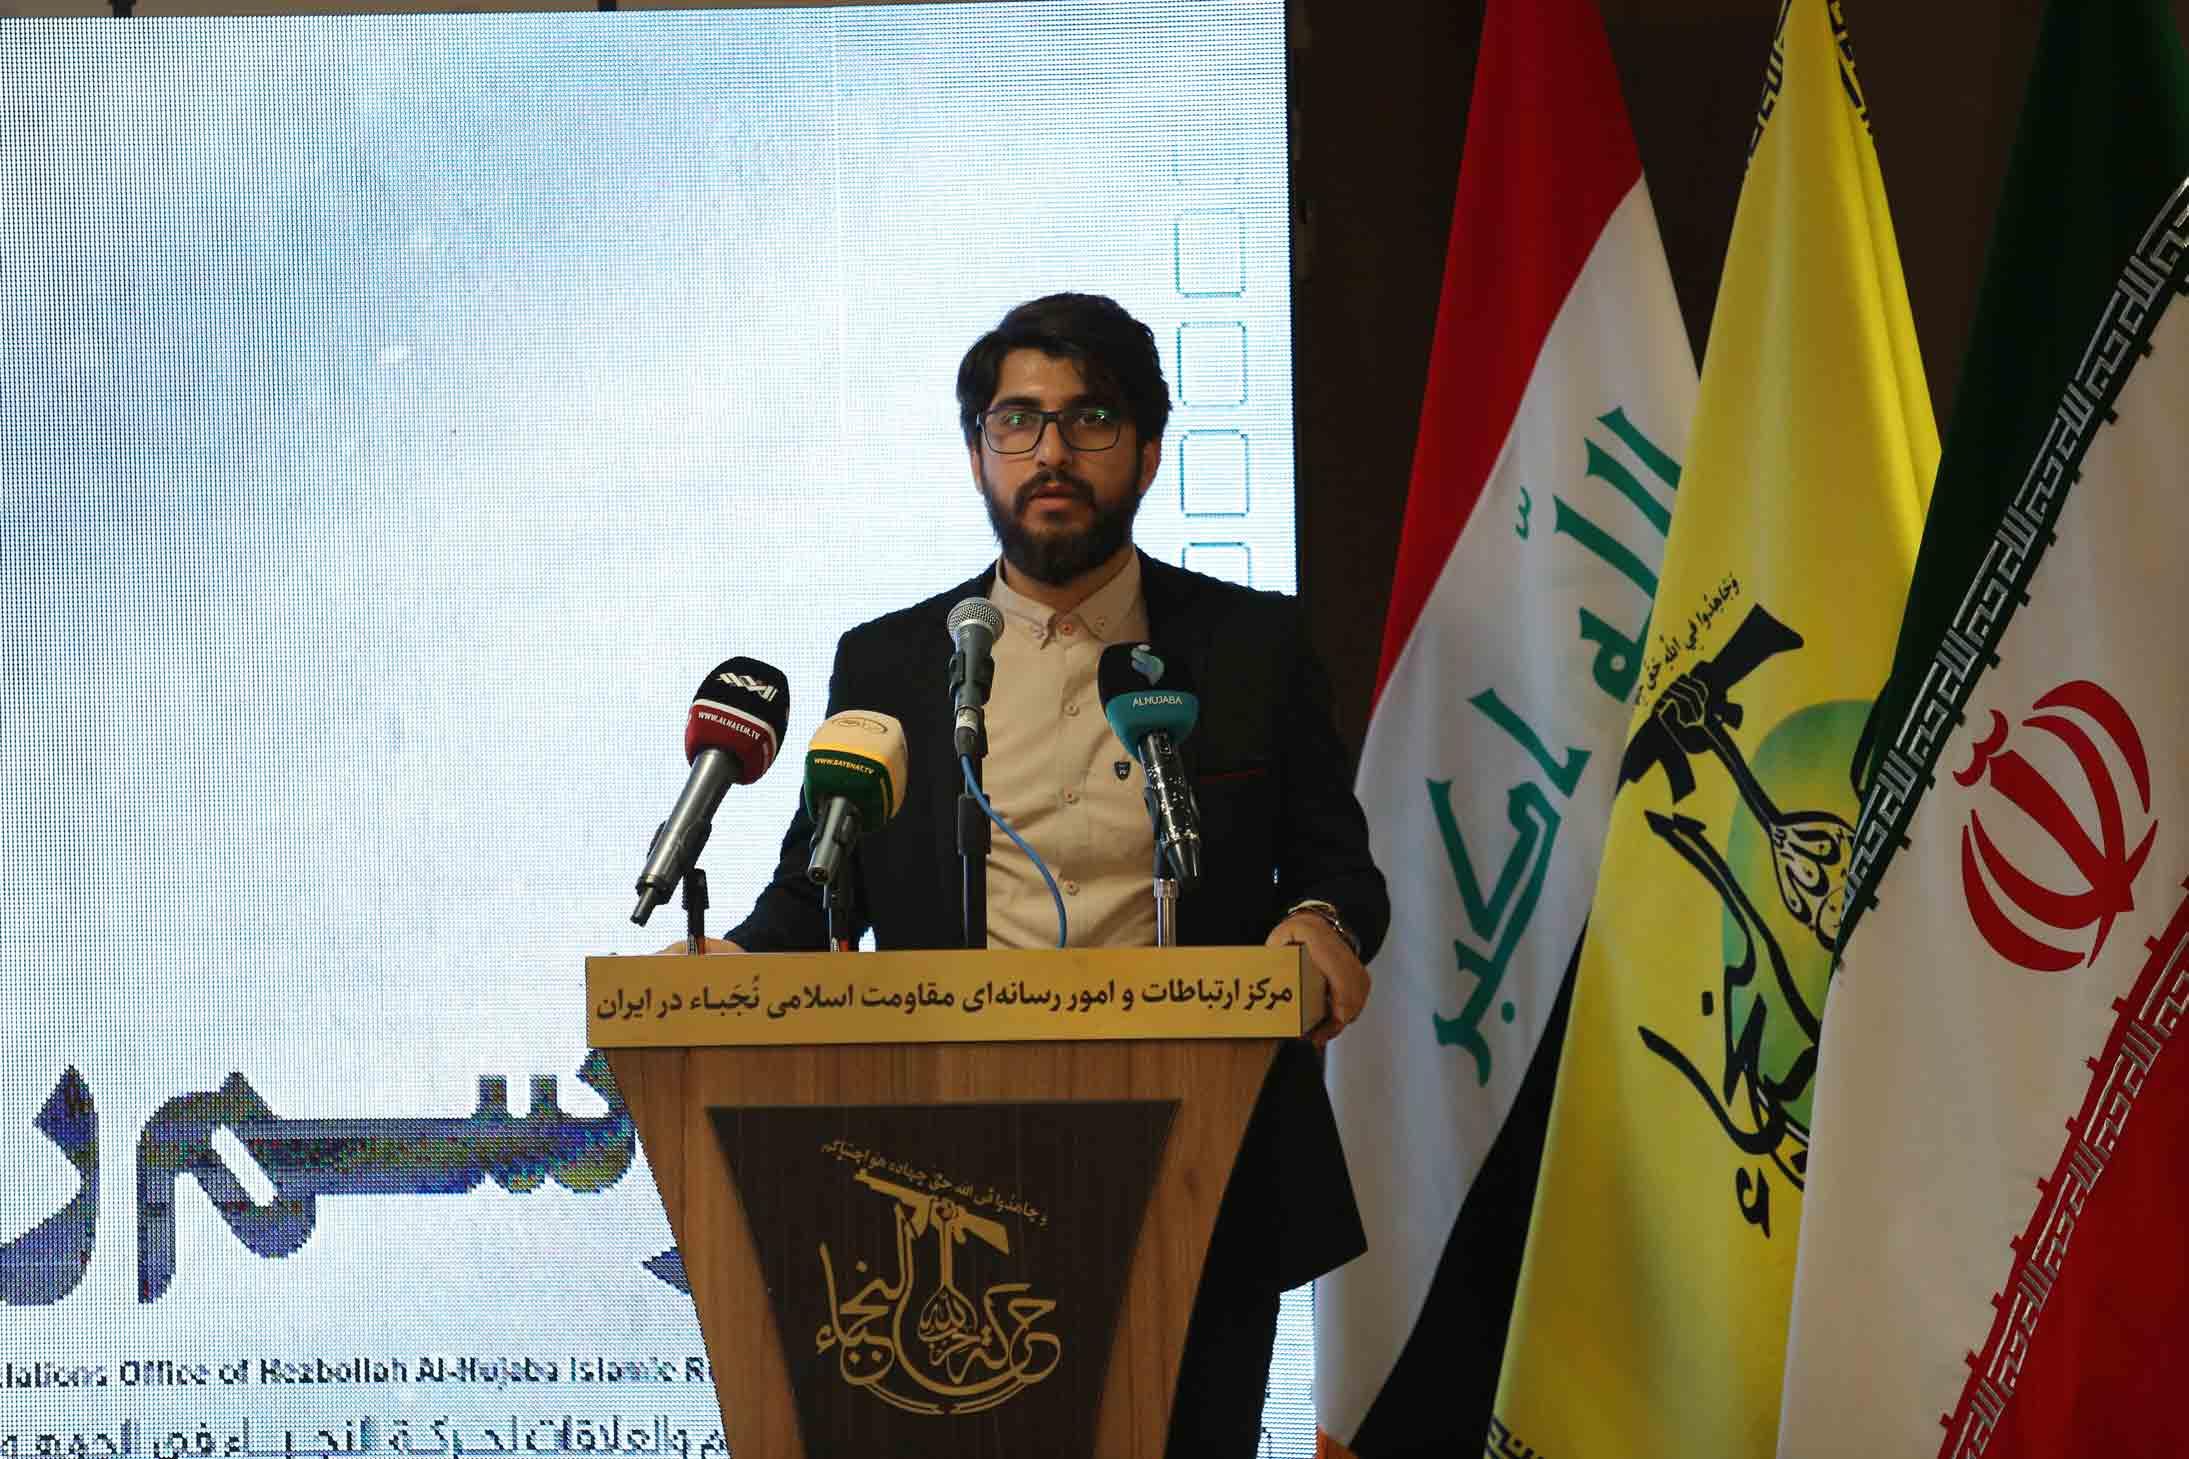 علی شاکر - مدیر مرکز ارتباطات و امور رسانه ای نجباء